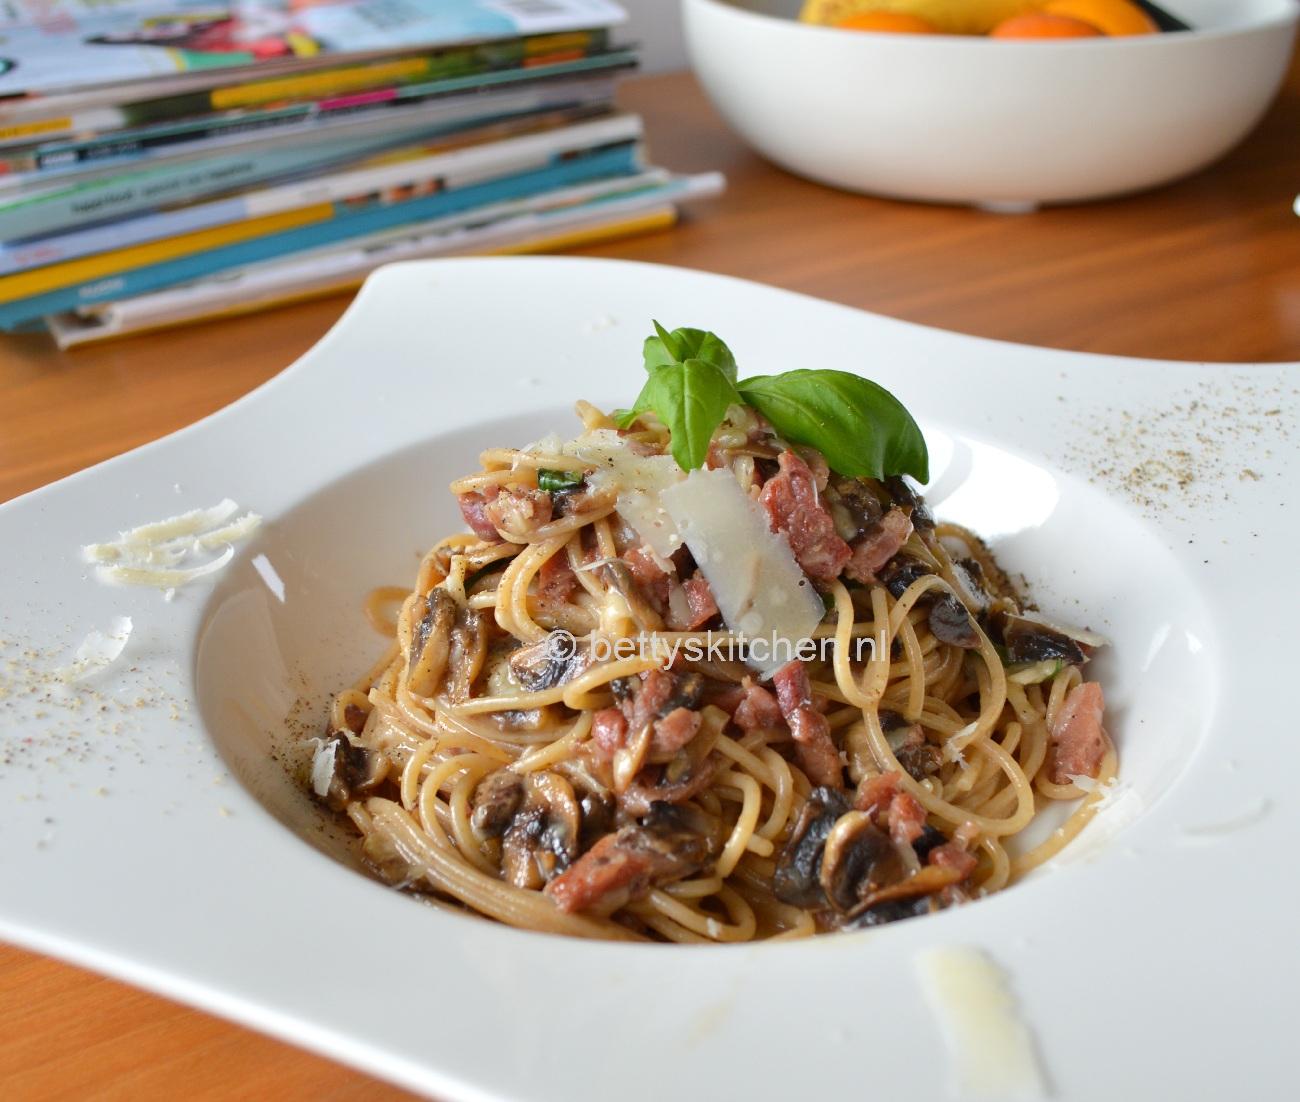 spaghetti carbonara pasta met spek ei en kaas